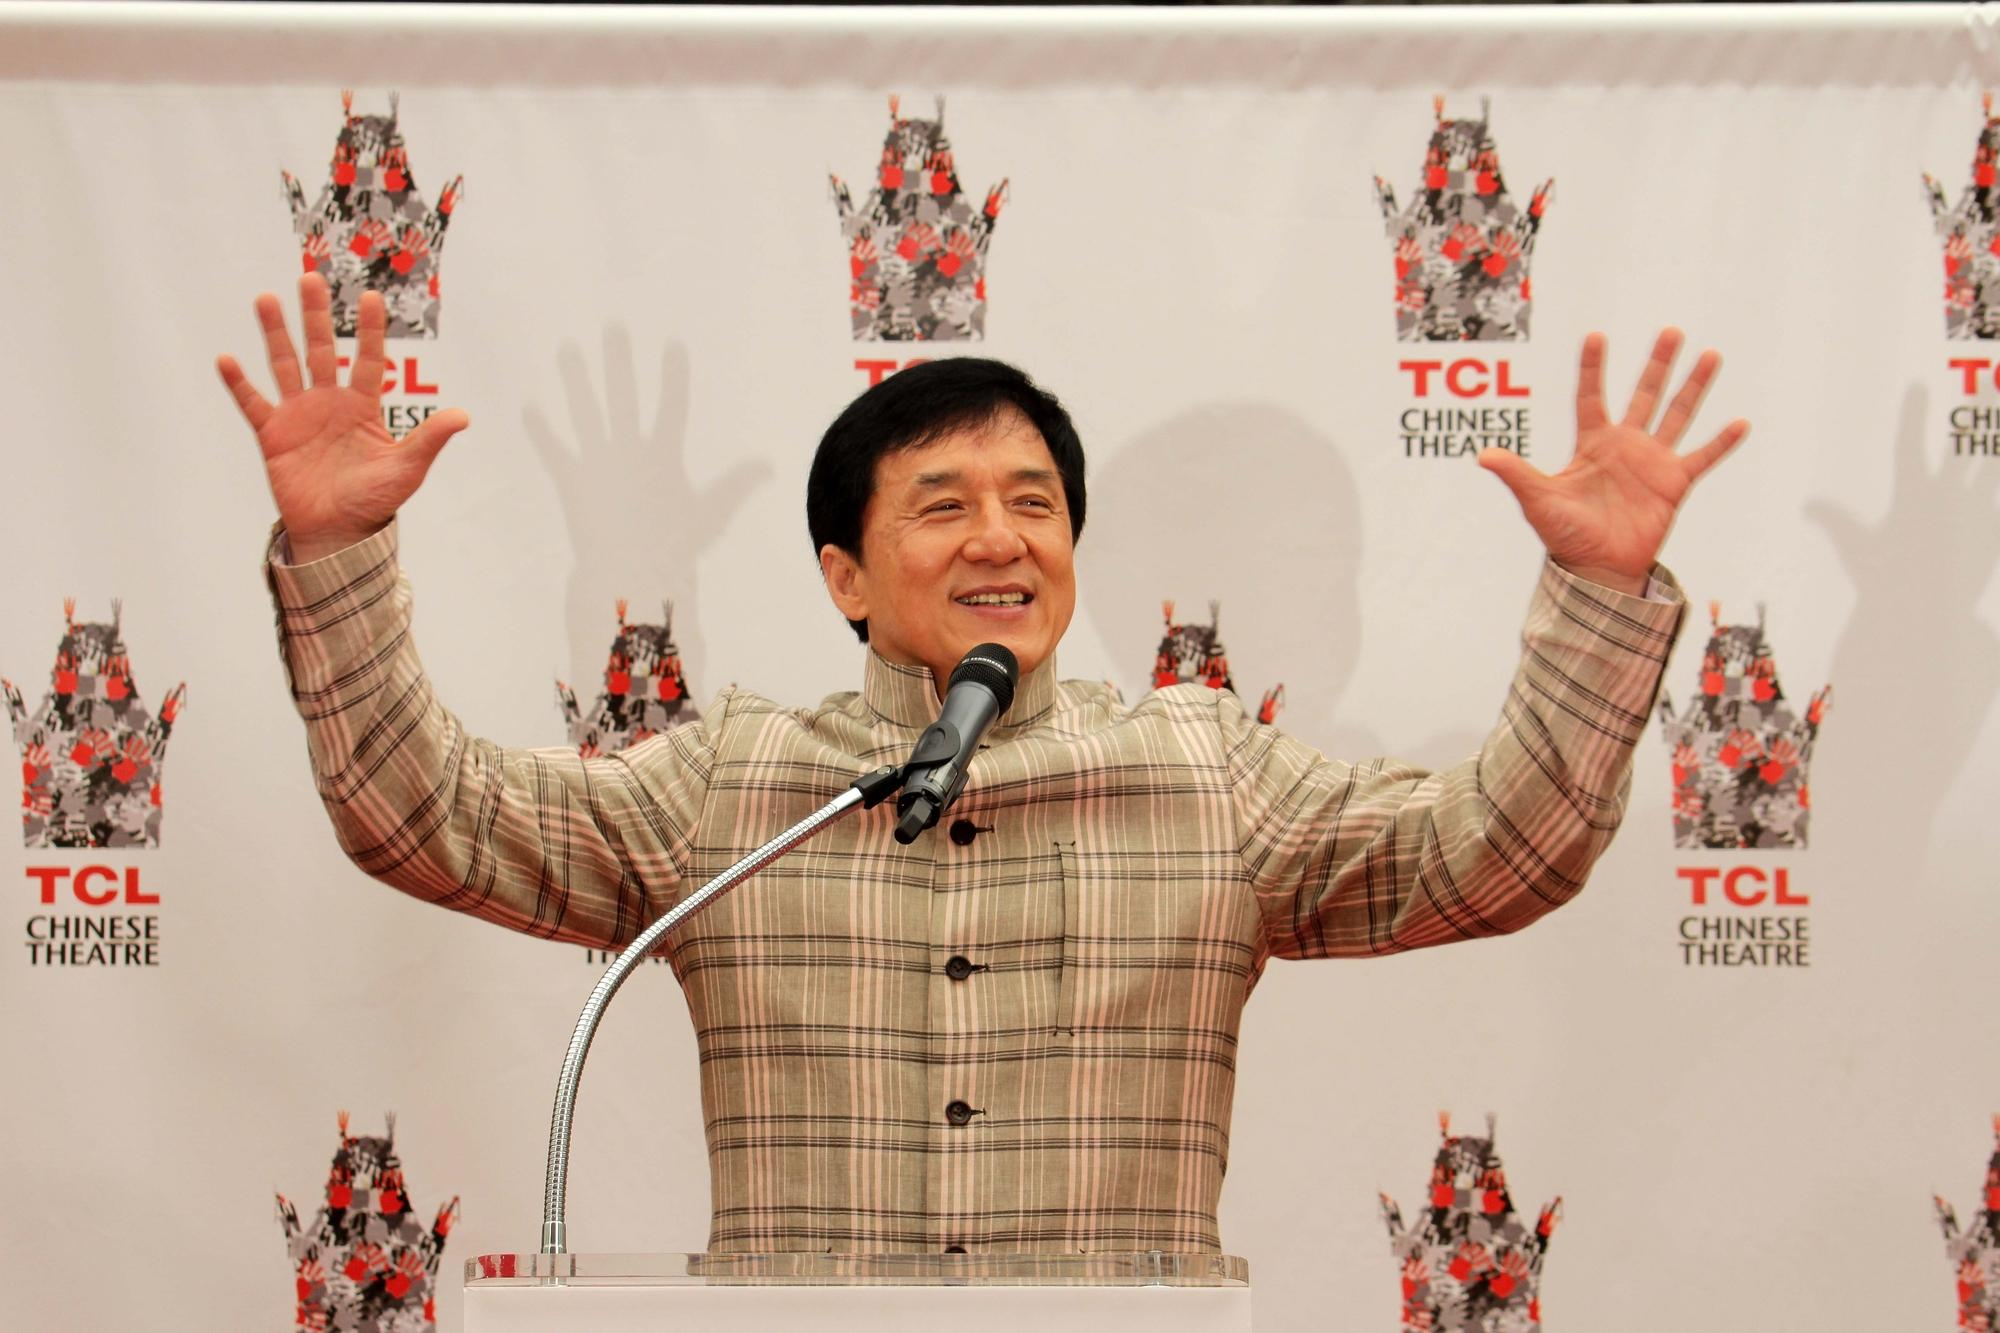 Джеки Чан рассказал, почему больше не хочет сниматься в боевиках